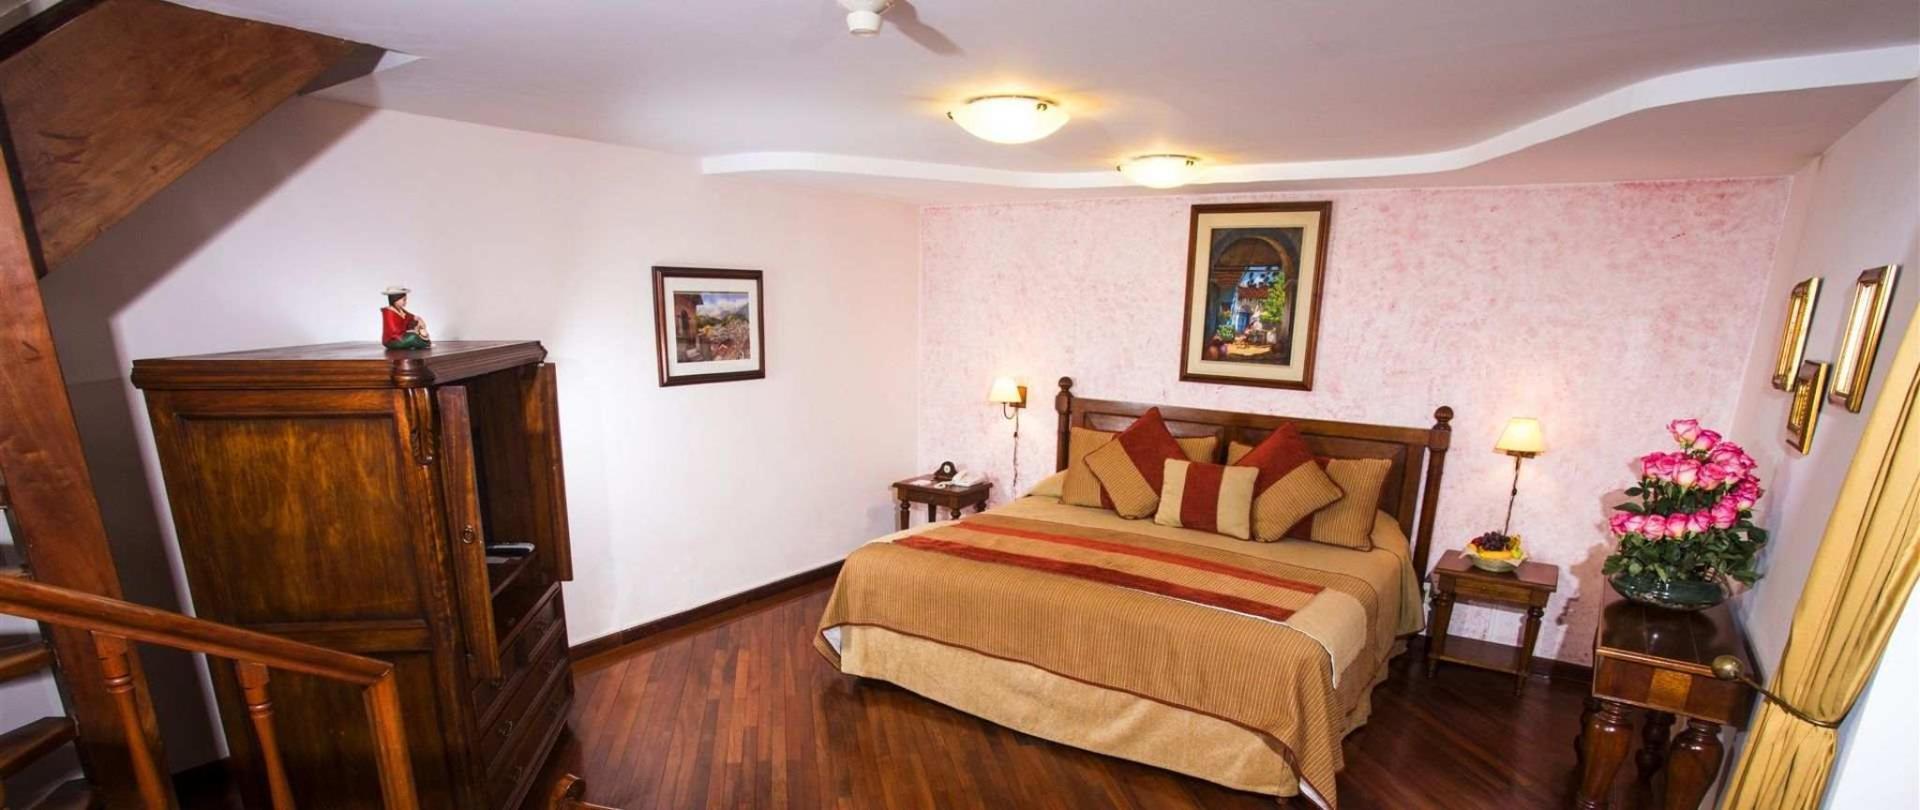 Beautiful Hotel Patio Andaluz Quito | Quito | Ecuador U2013 Hotel Patio Andaluz ...